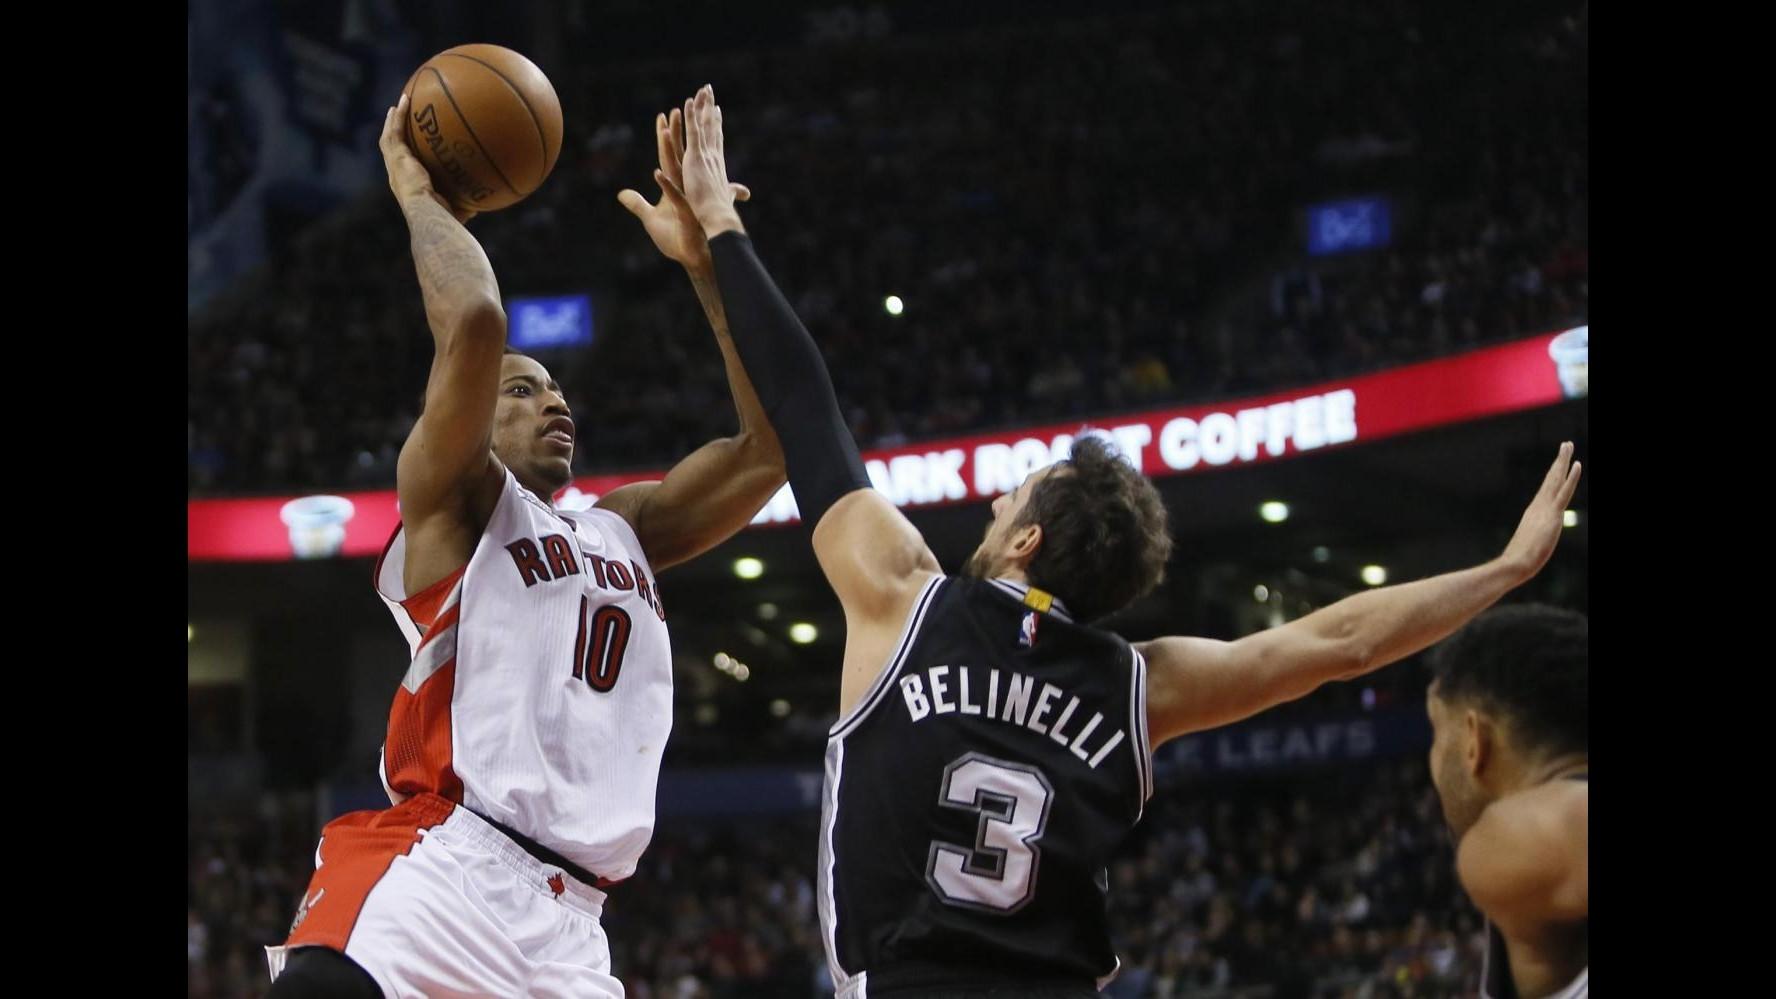 Basket, Nba: debutto ok per Datome con Boston, Spurs ancora sconfitti